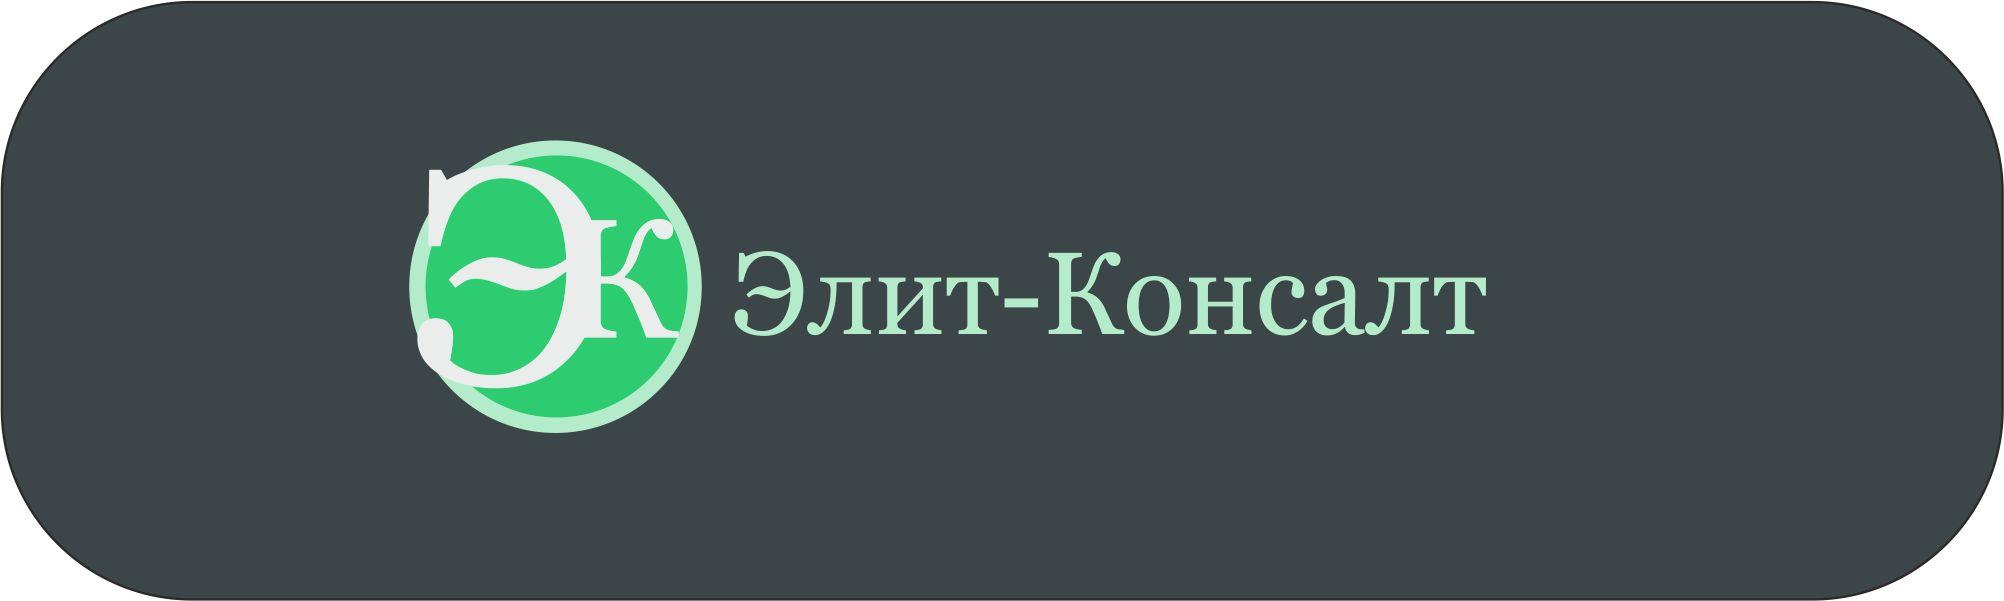 Логотип консалт-компании. Ждем еще предложения! - дизайнер stas2tuz